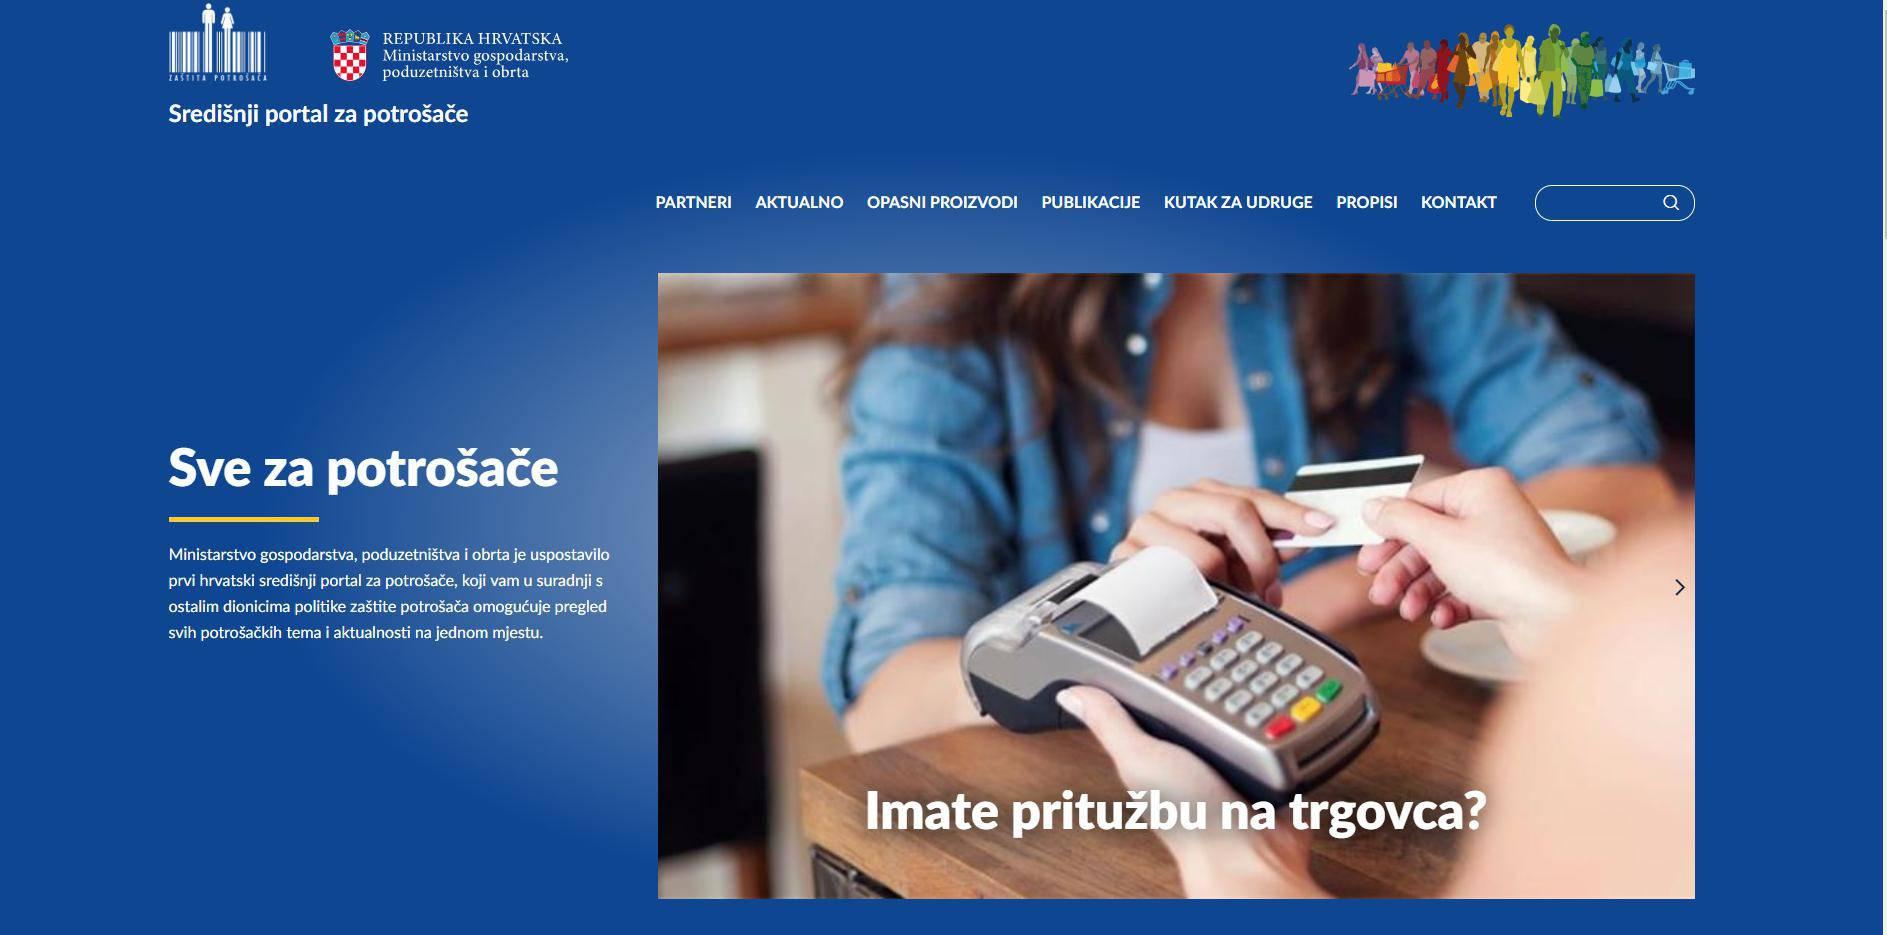 Ministarstvo pokrenulo portal o zaštiti potrošača: Ima 34 teme